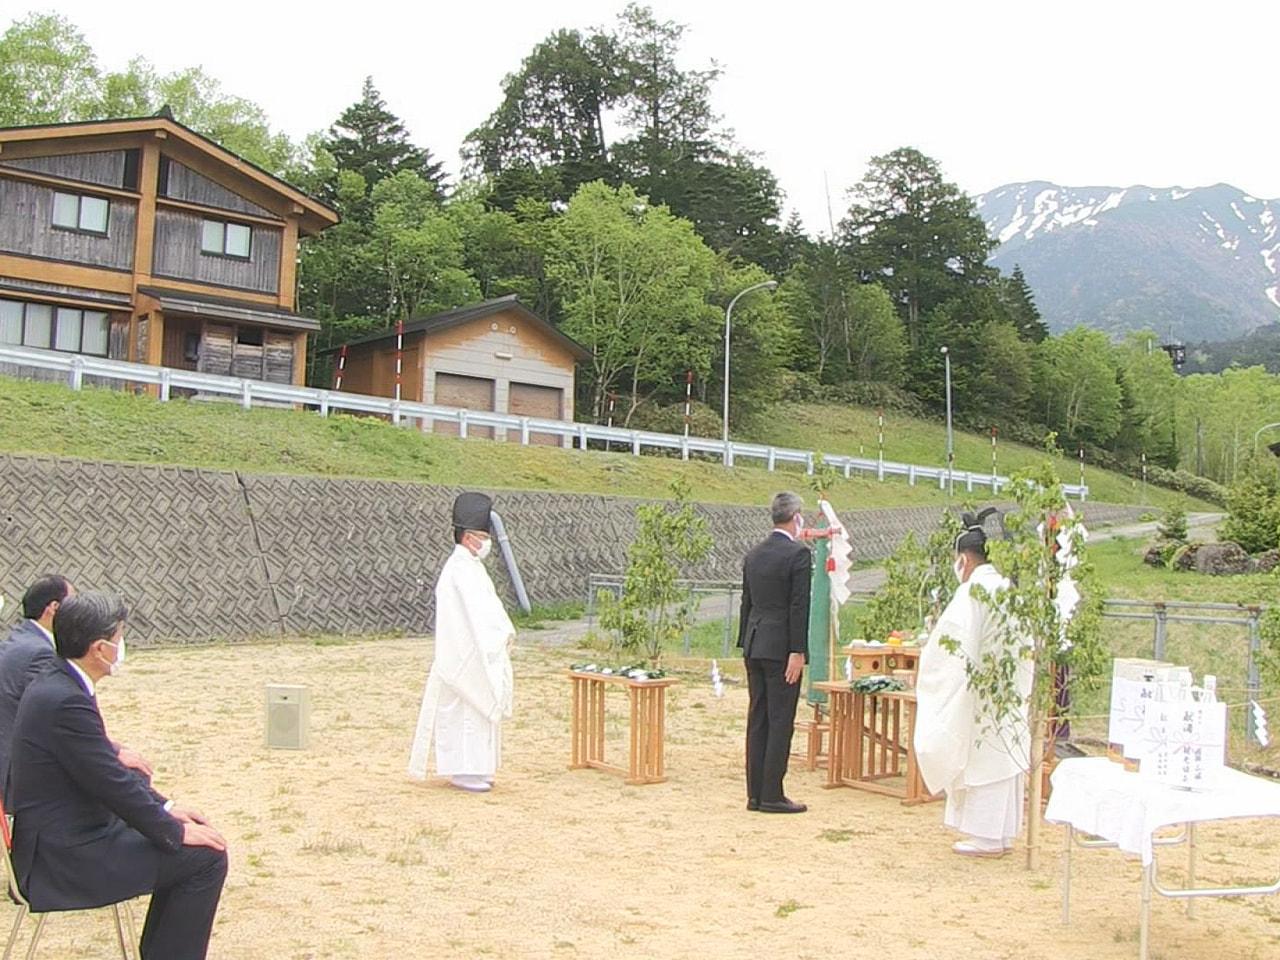 御嶽山の噴火からことしで7年。 夏山シーズンを前に6日、登山者の安全を祈る祈願祭...